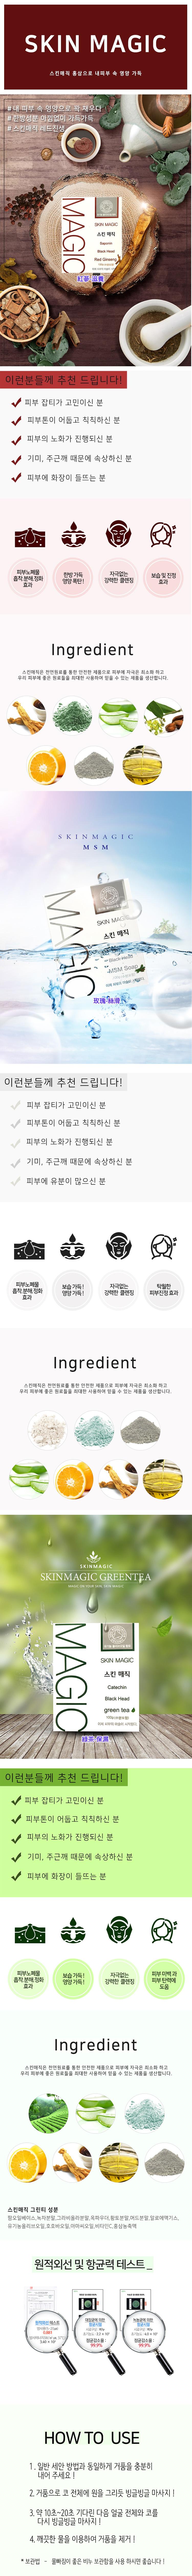 人蔘 粉刺 韓國 人蔘 人蔘 洗面皂 韓國